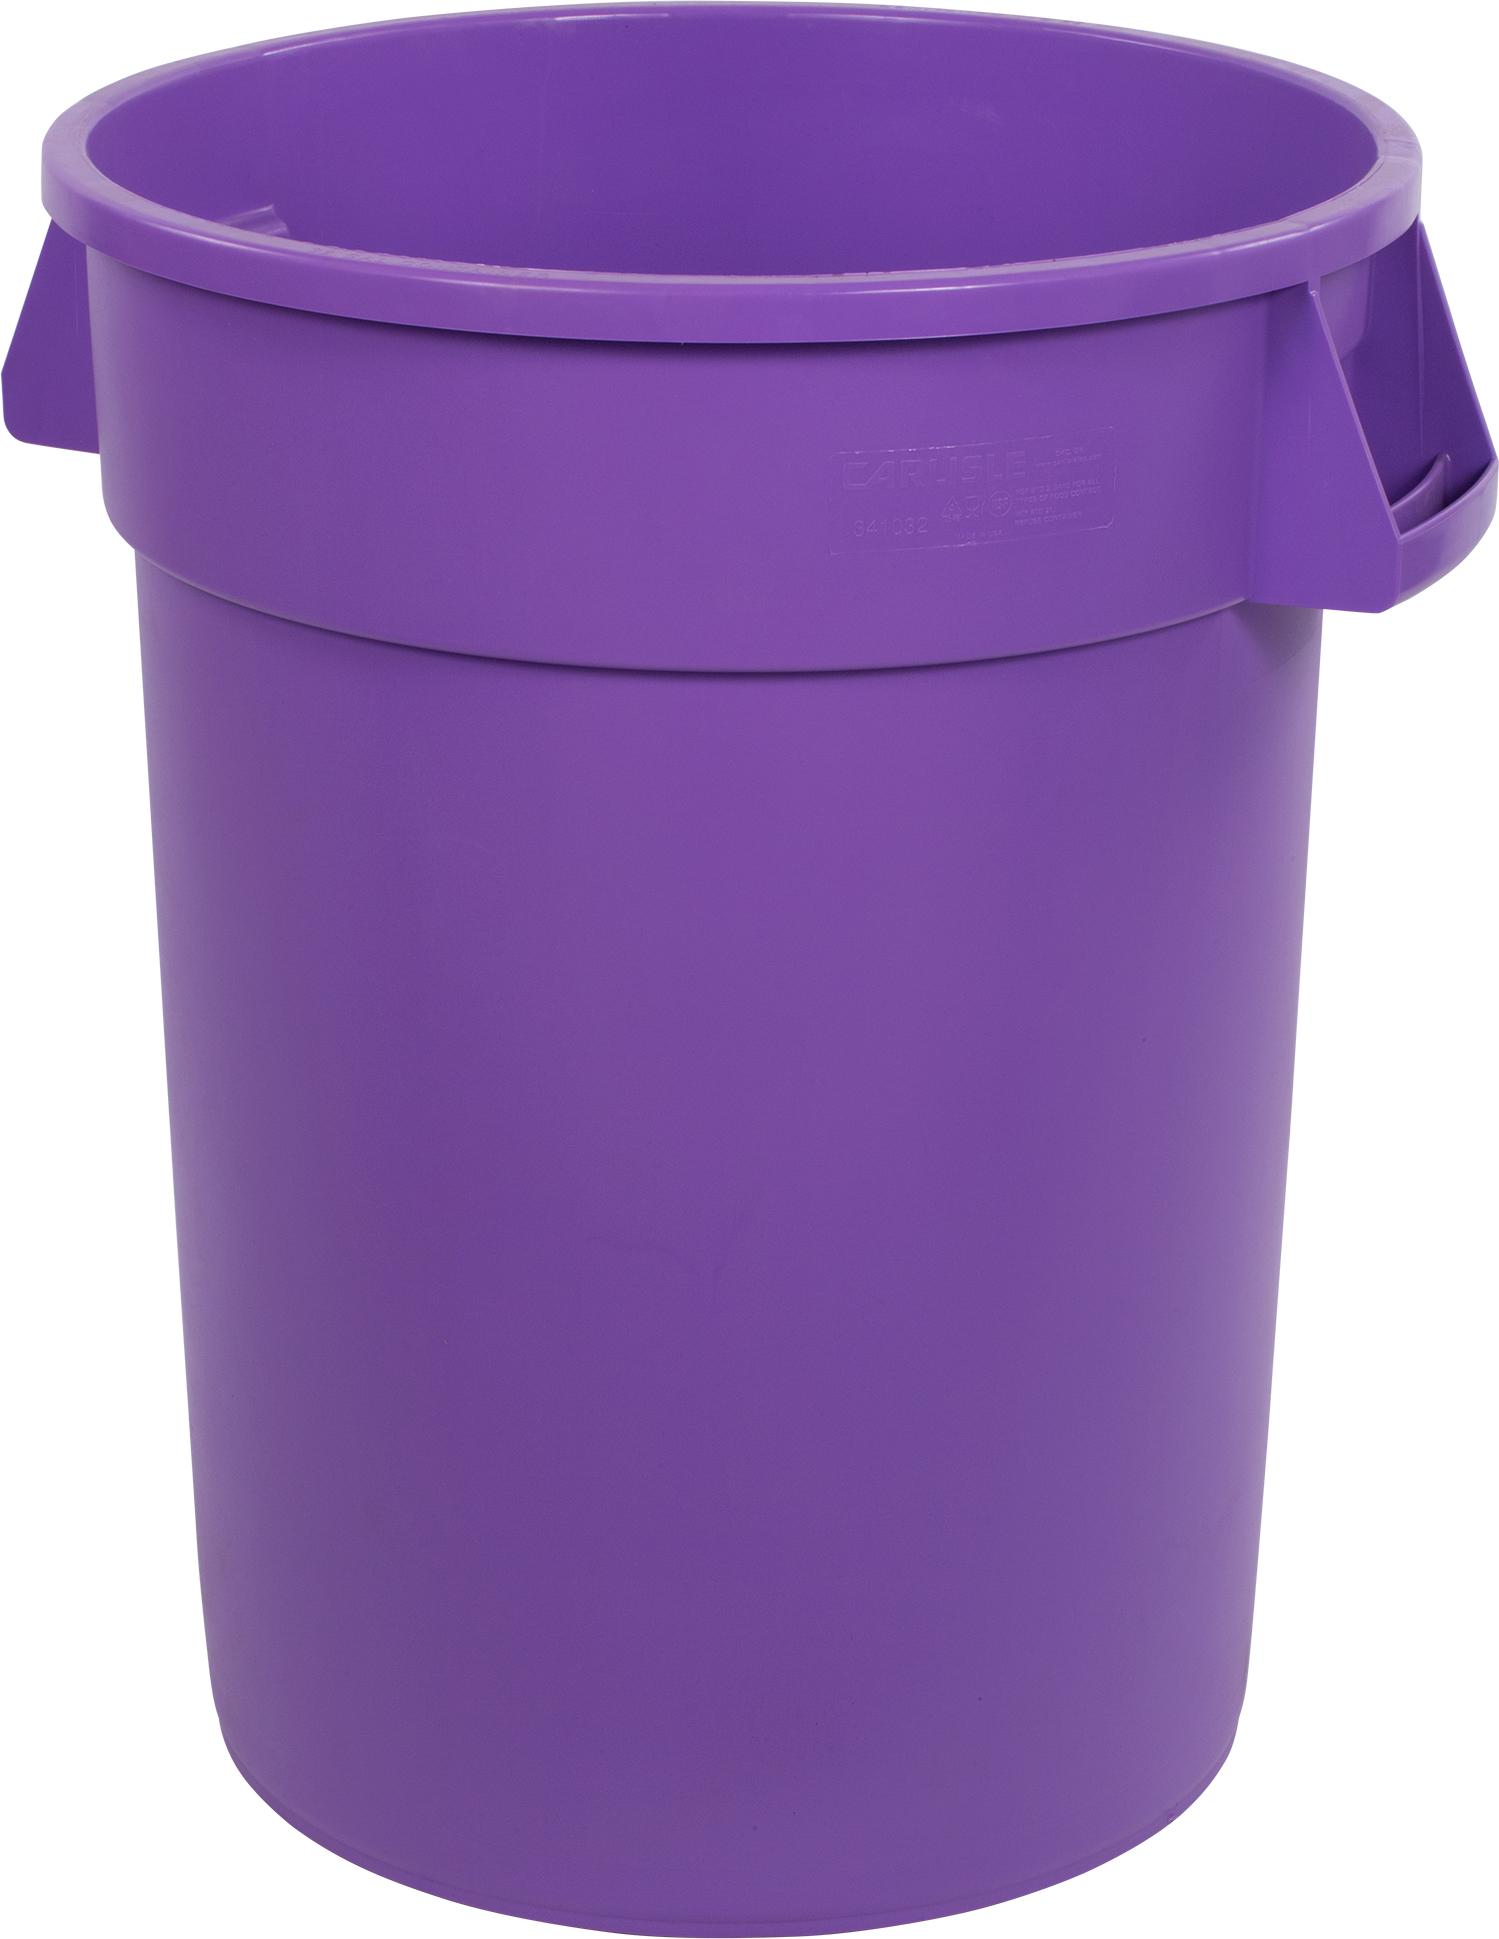 Bronco Round Waste Bin Trash Container 32 Gallon - Purple